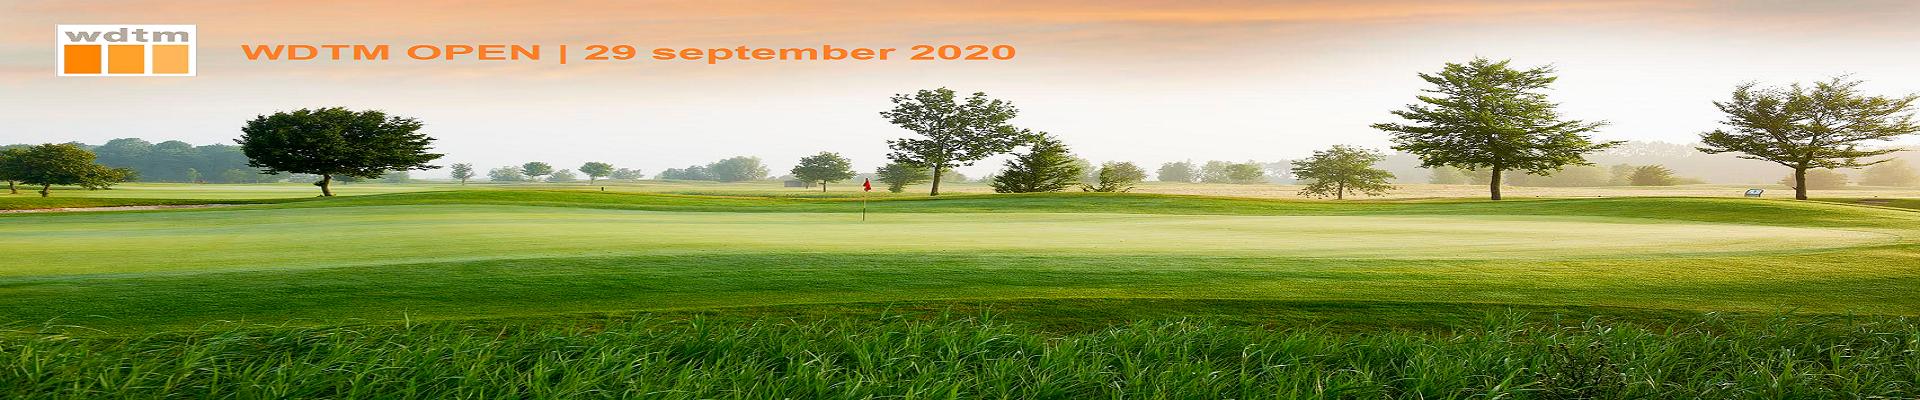 WDTM Open 29 september 2020